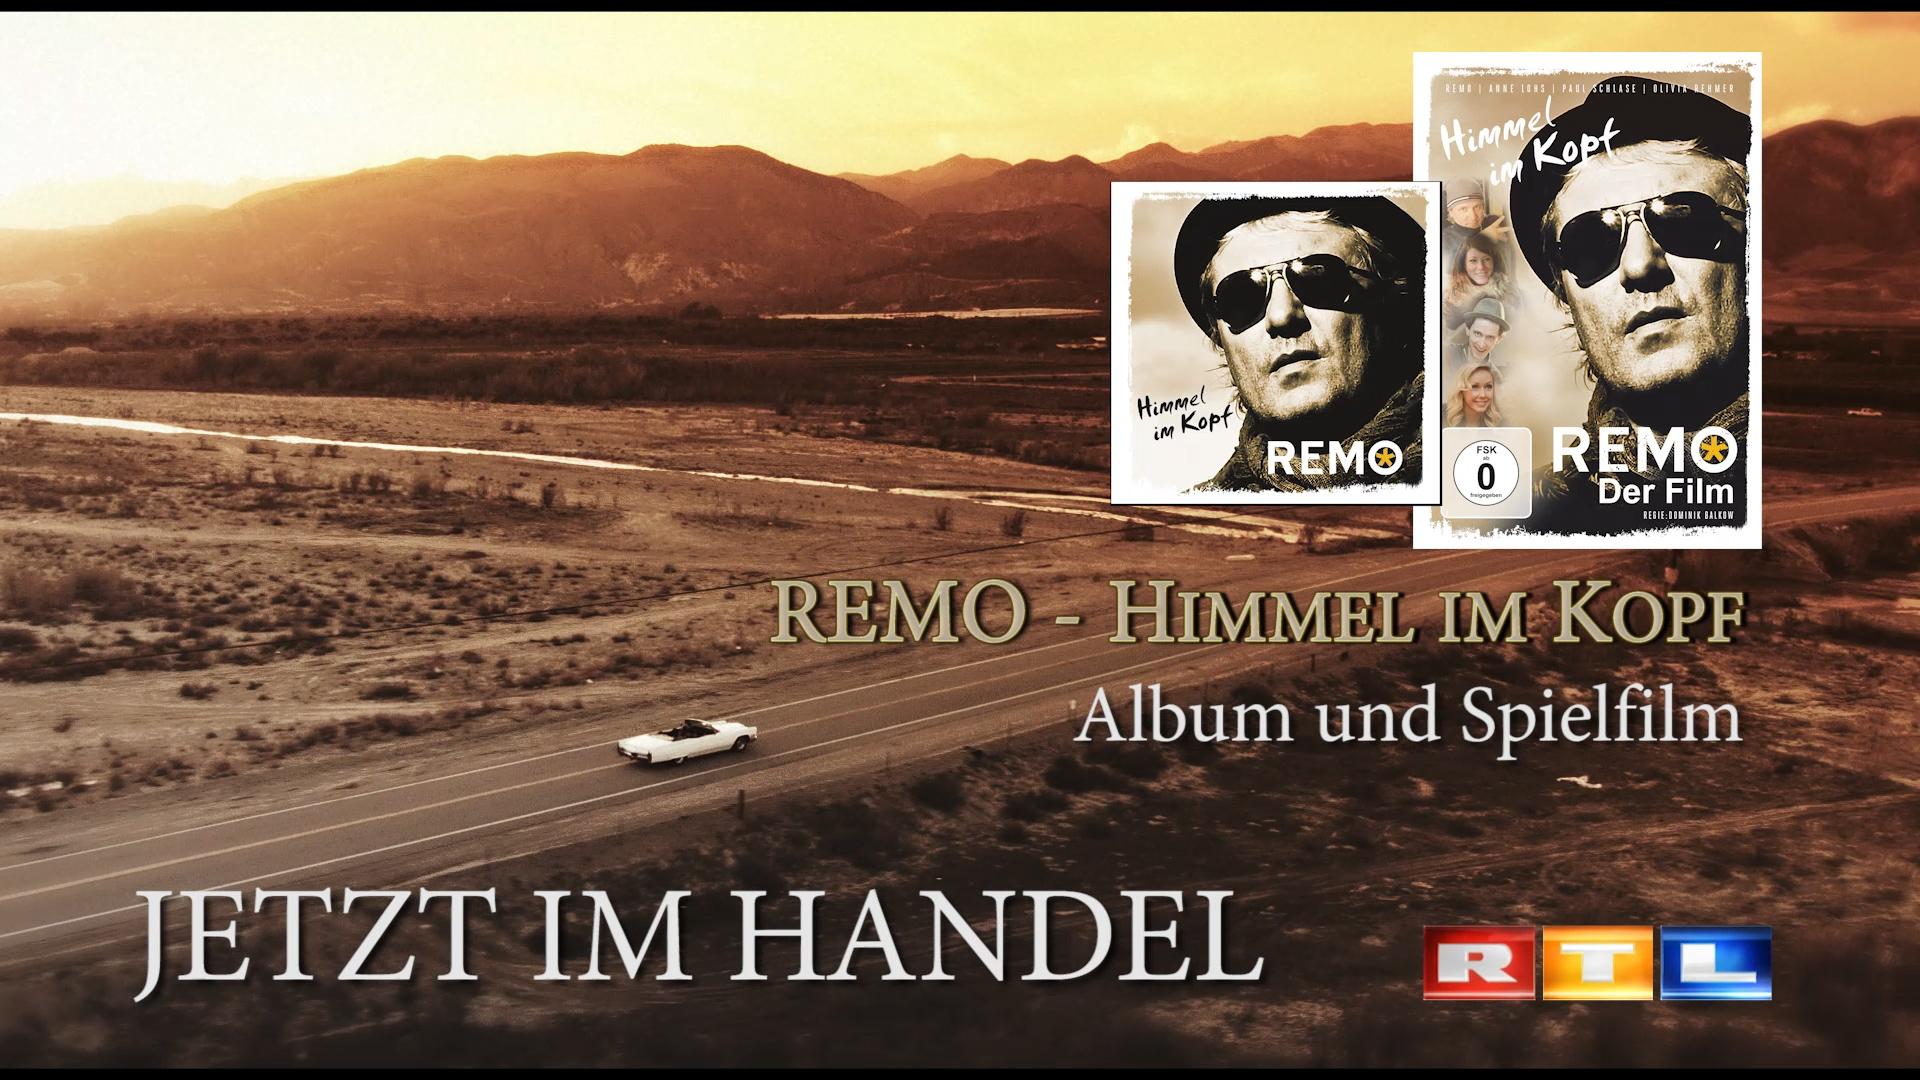 Remo – Film